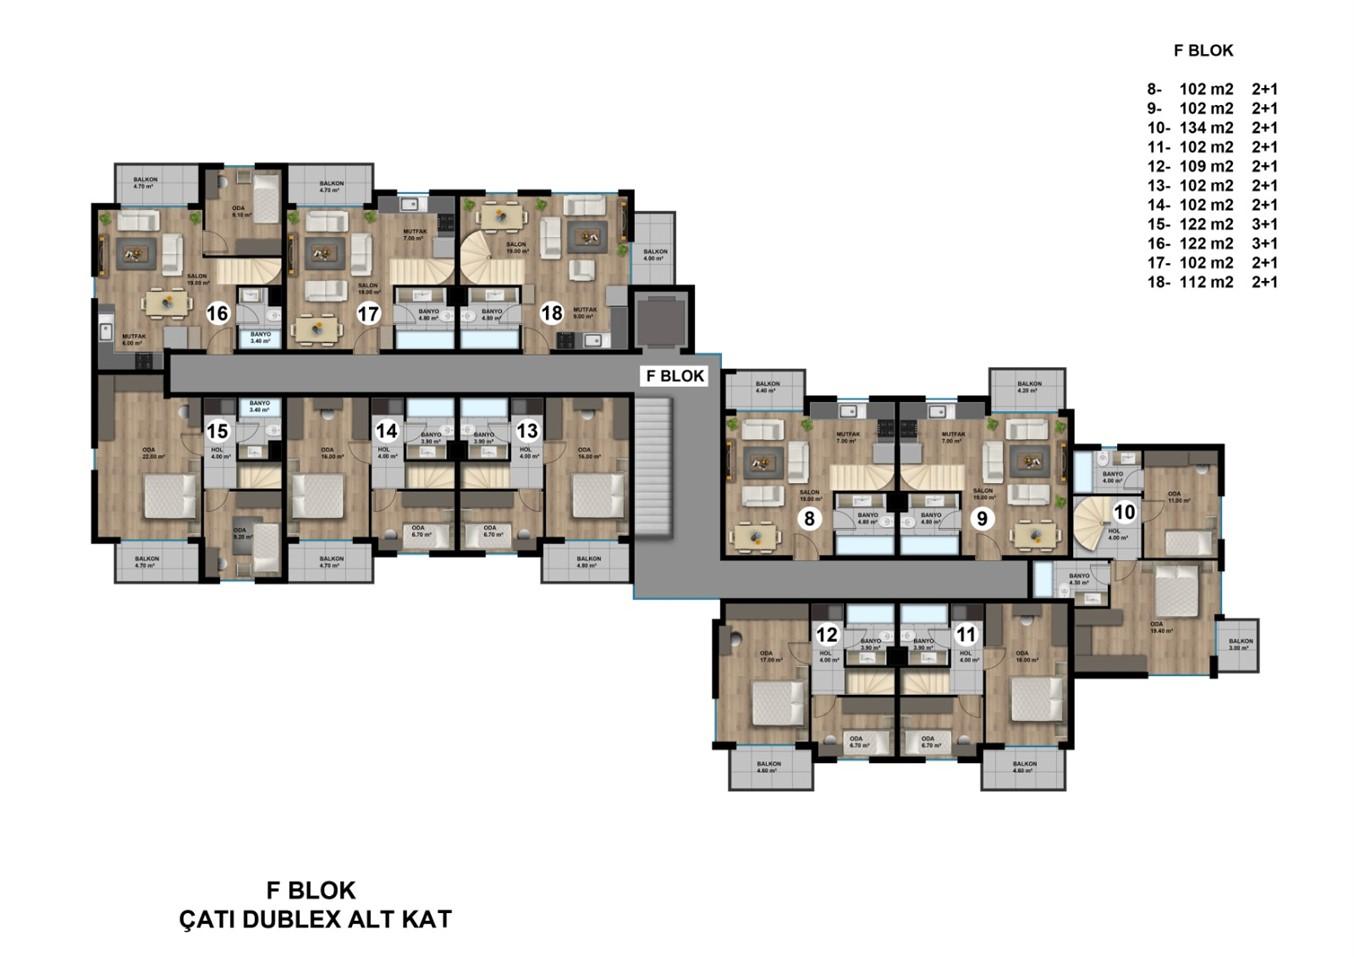 Роскошные квартиры в новом жилом комплексе с инфраструктурой - Фото 22